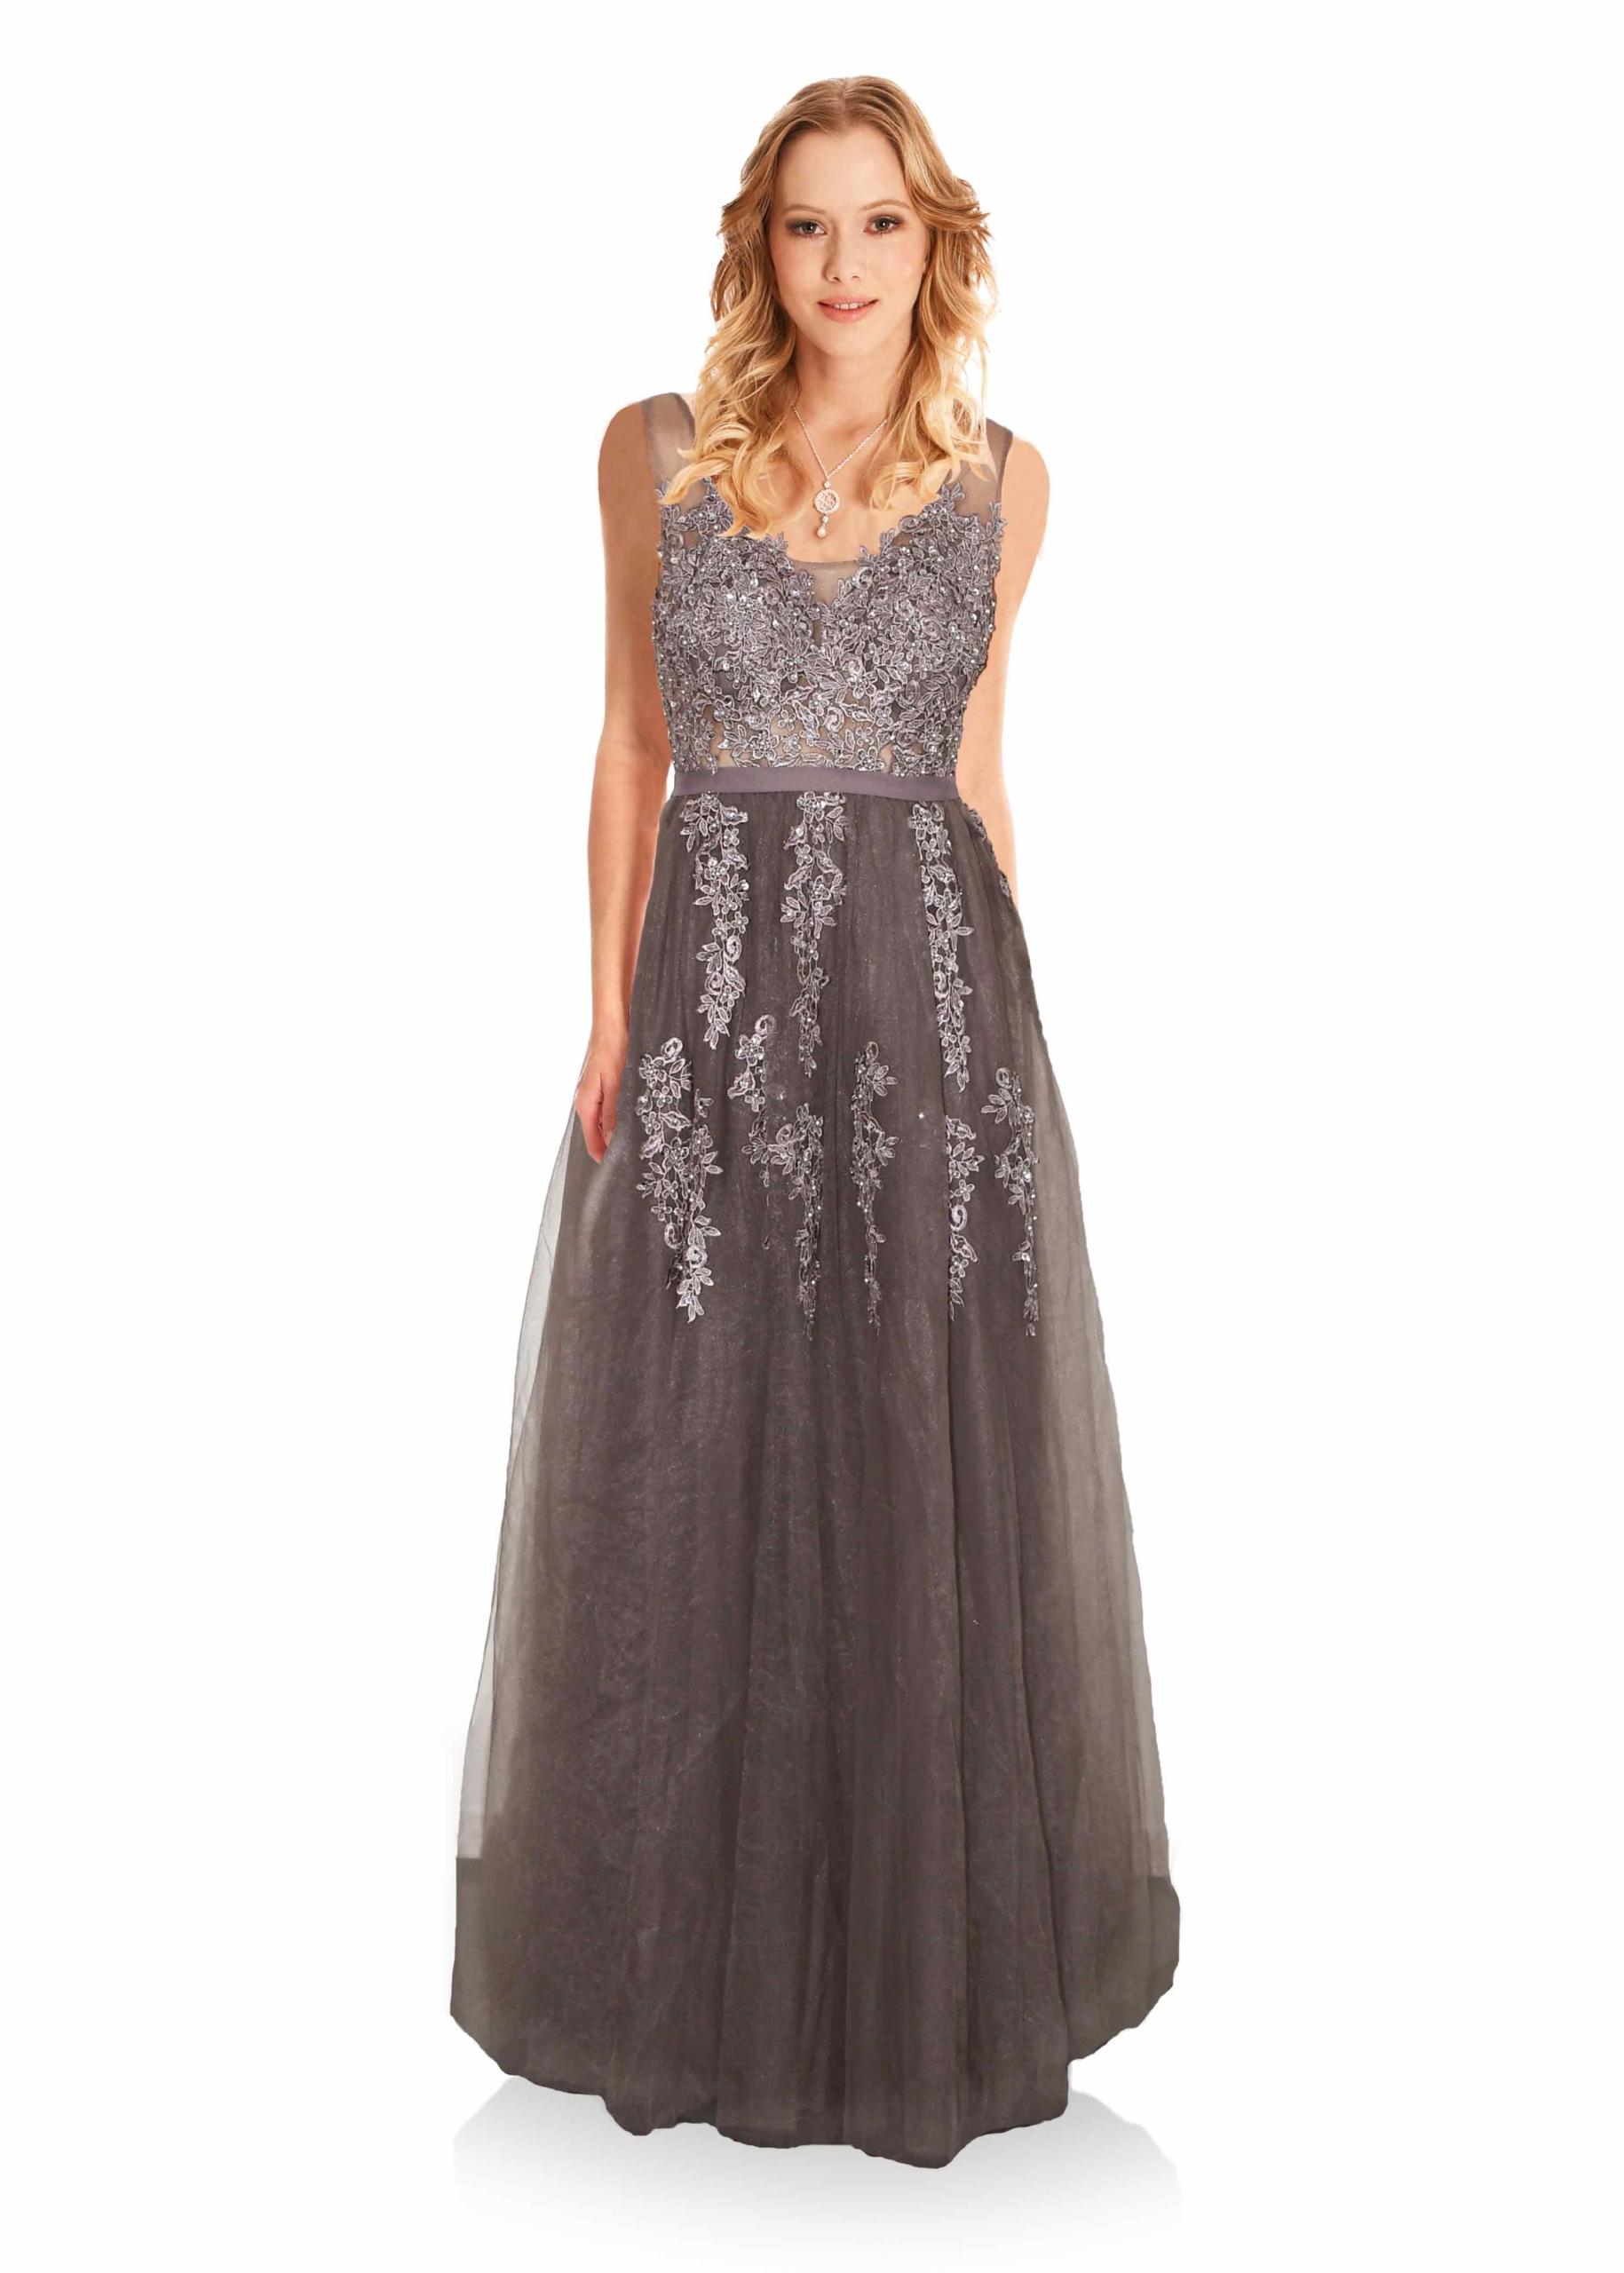 Atemberaubendes Abendkleid aus Tüll mit Spitze verziert und V-Ausschnitt am  Rücken.